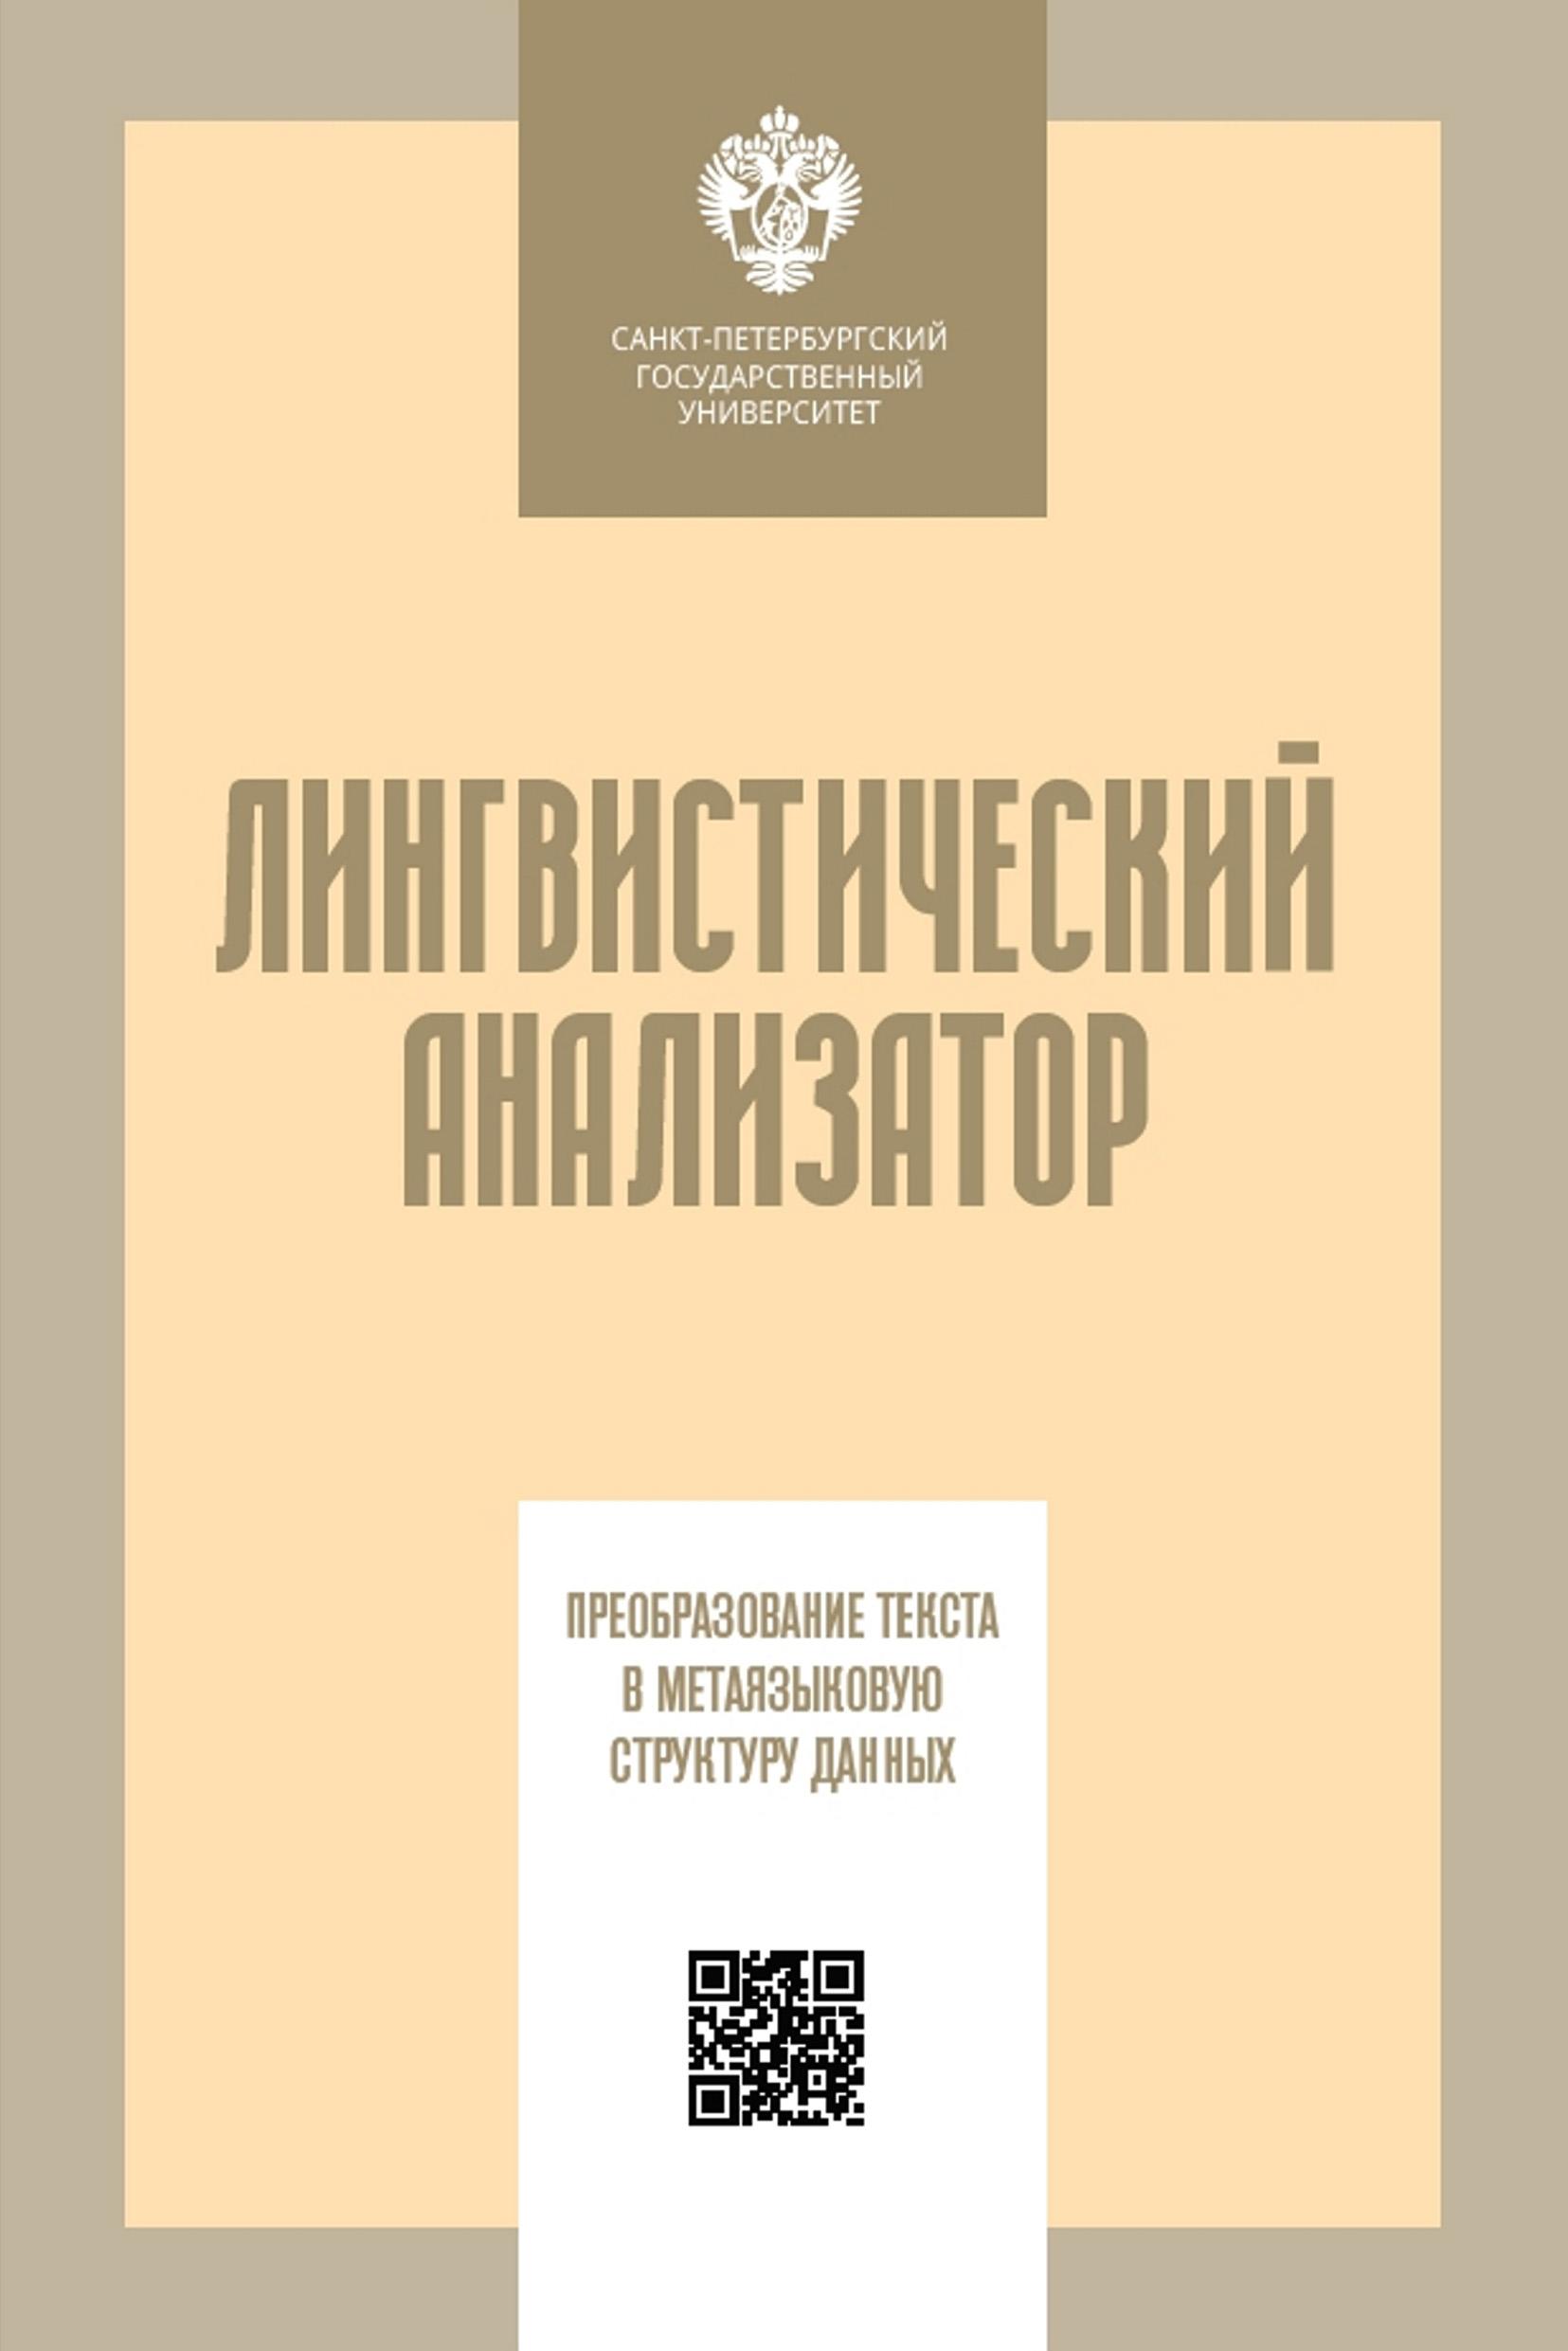 Купить книгу Лингвистический анализатор. Преобразование текста в метаязыковую структуру данных, автора Сергея Кузнецова